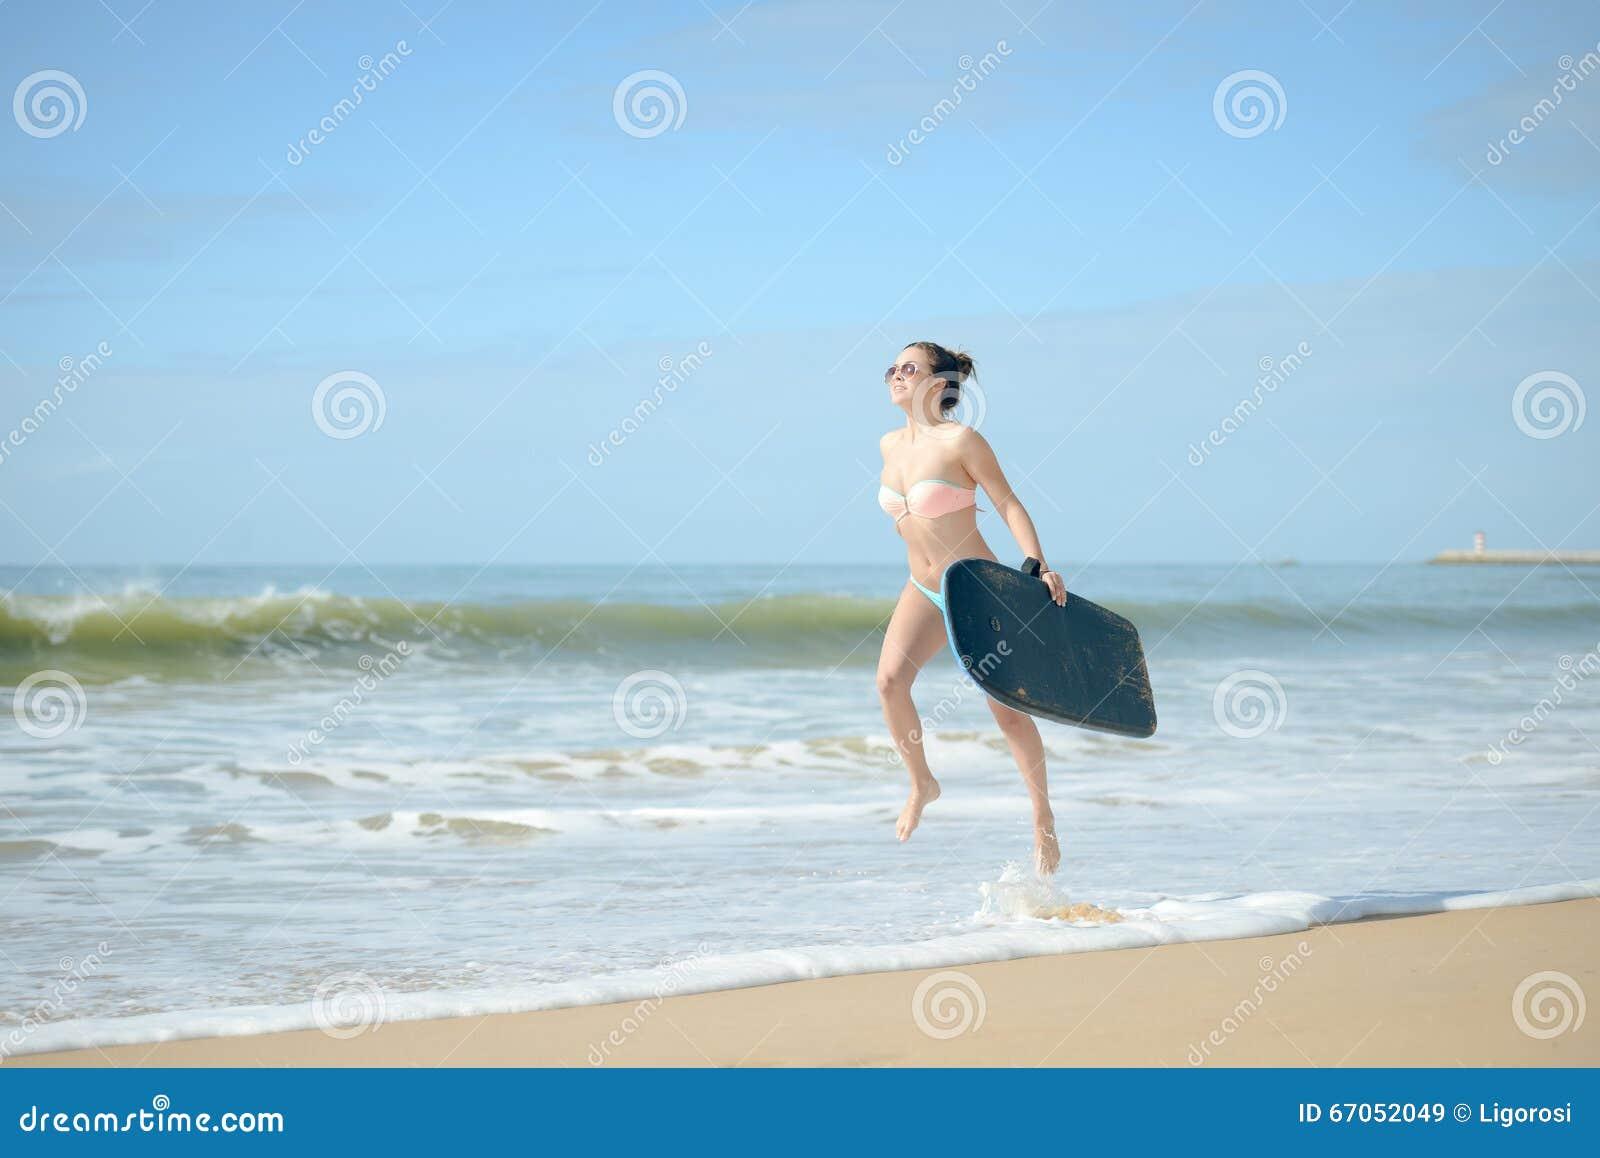 Radosnej surfingowiec dziewczyny szczęśliwy rozochocony iść surfować przy ocean plaży bieg w wodę Żeński bikini kobiety kłoszenie